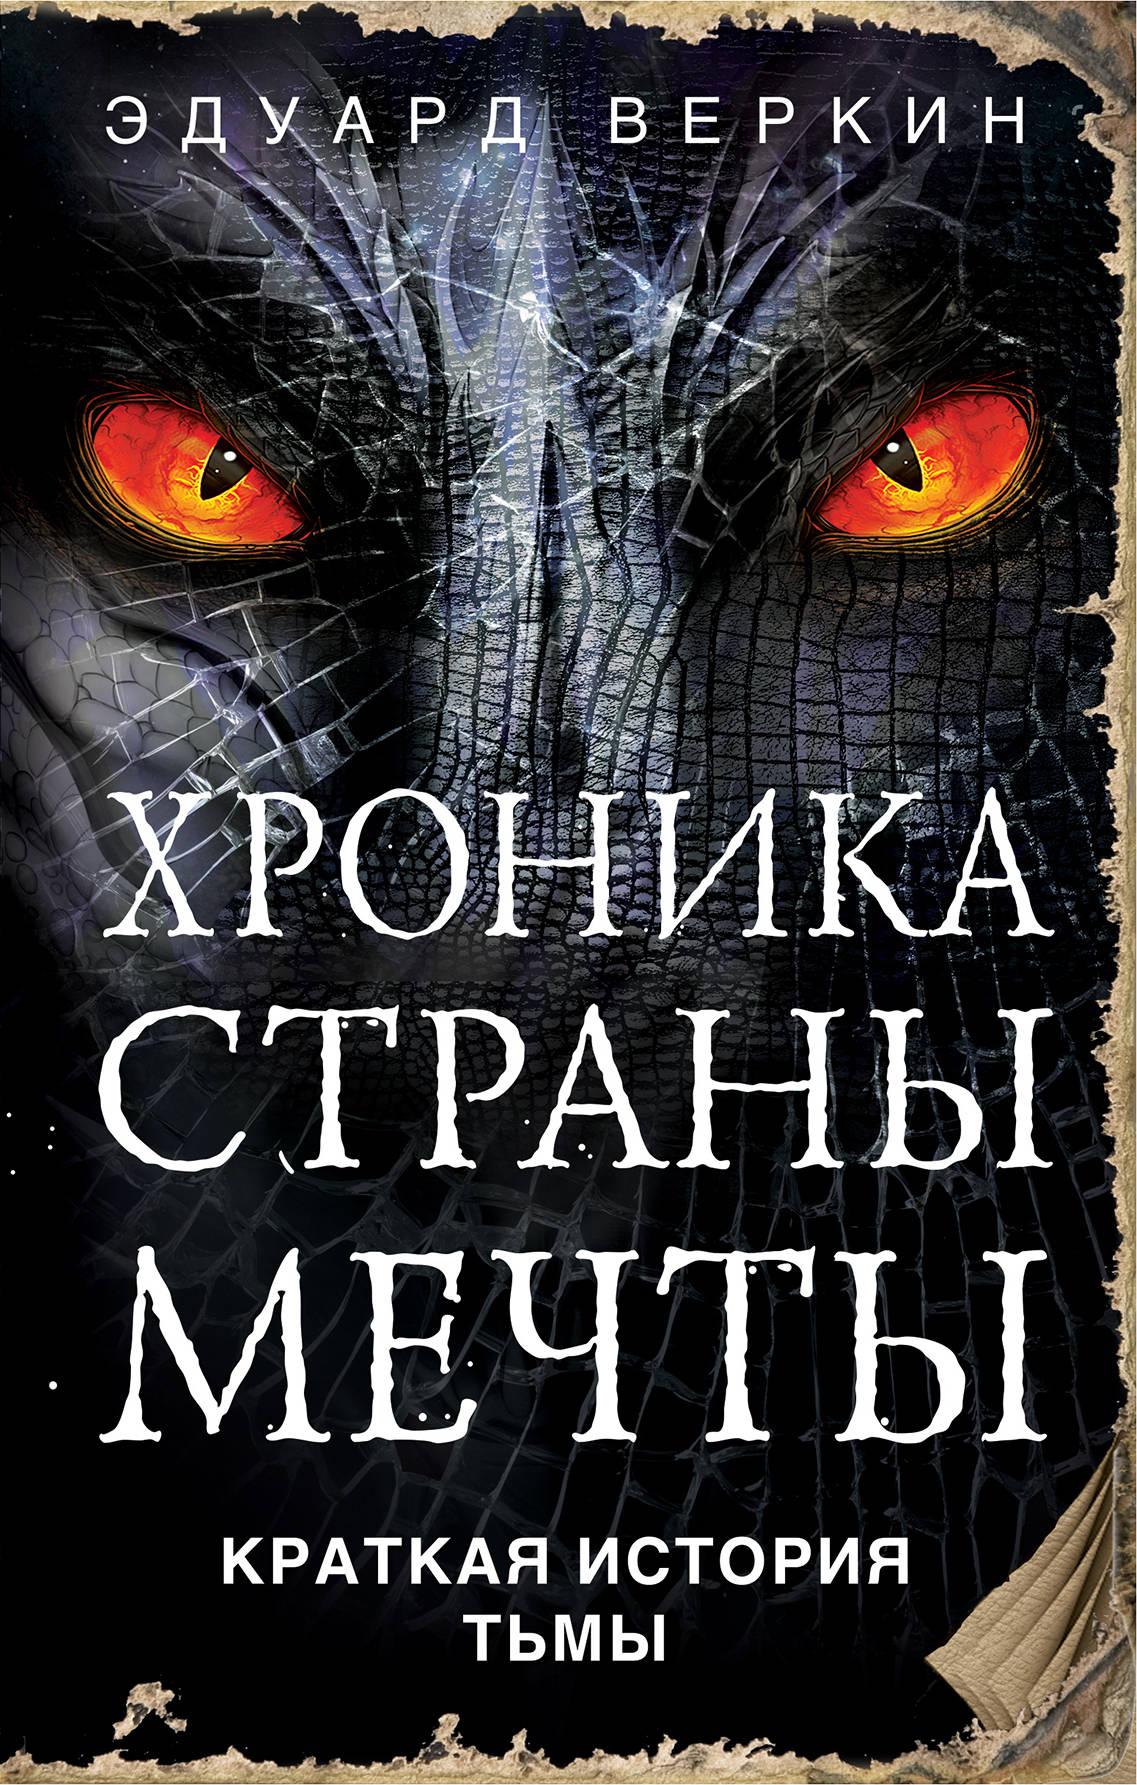 Веркин Эдуард Николаевич Краткая история Тьмы